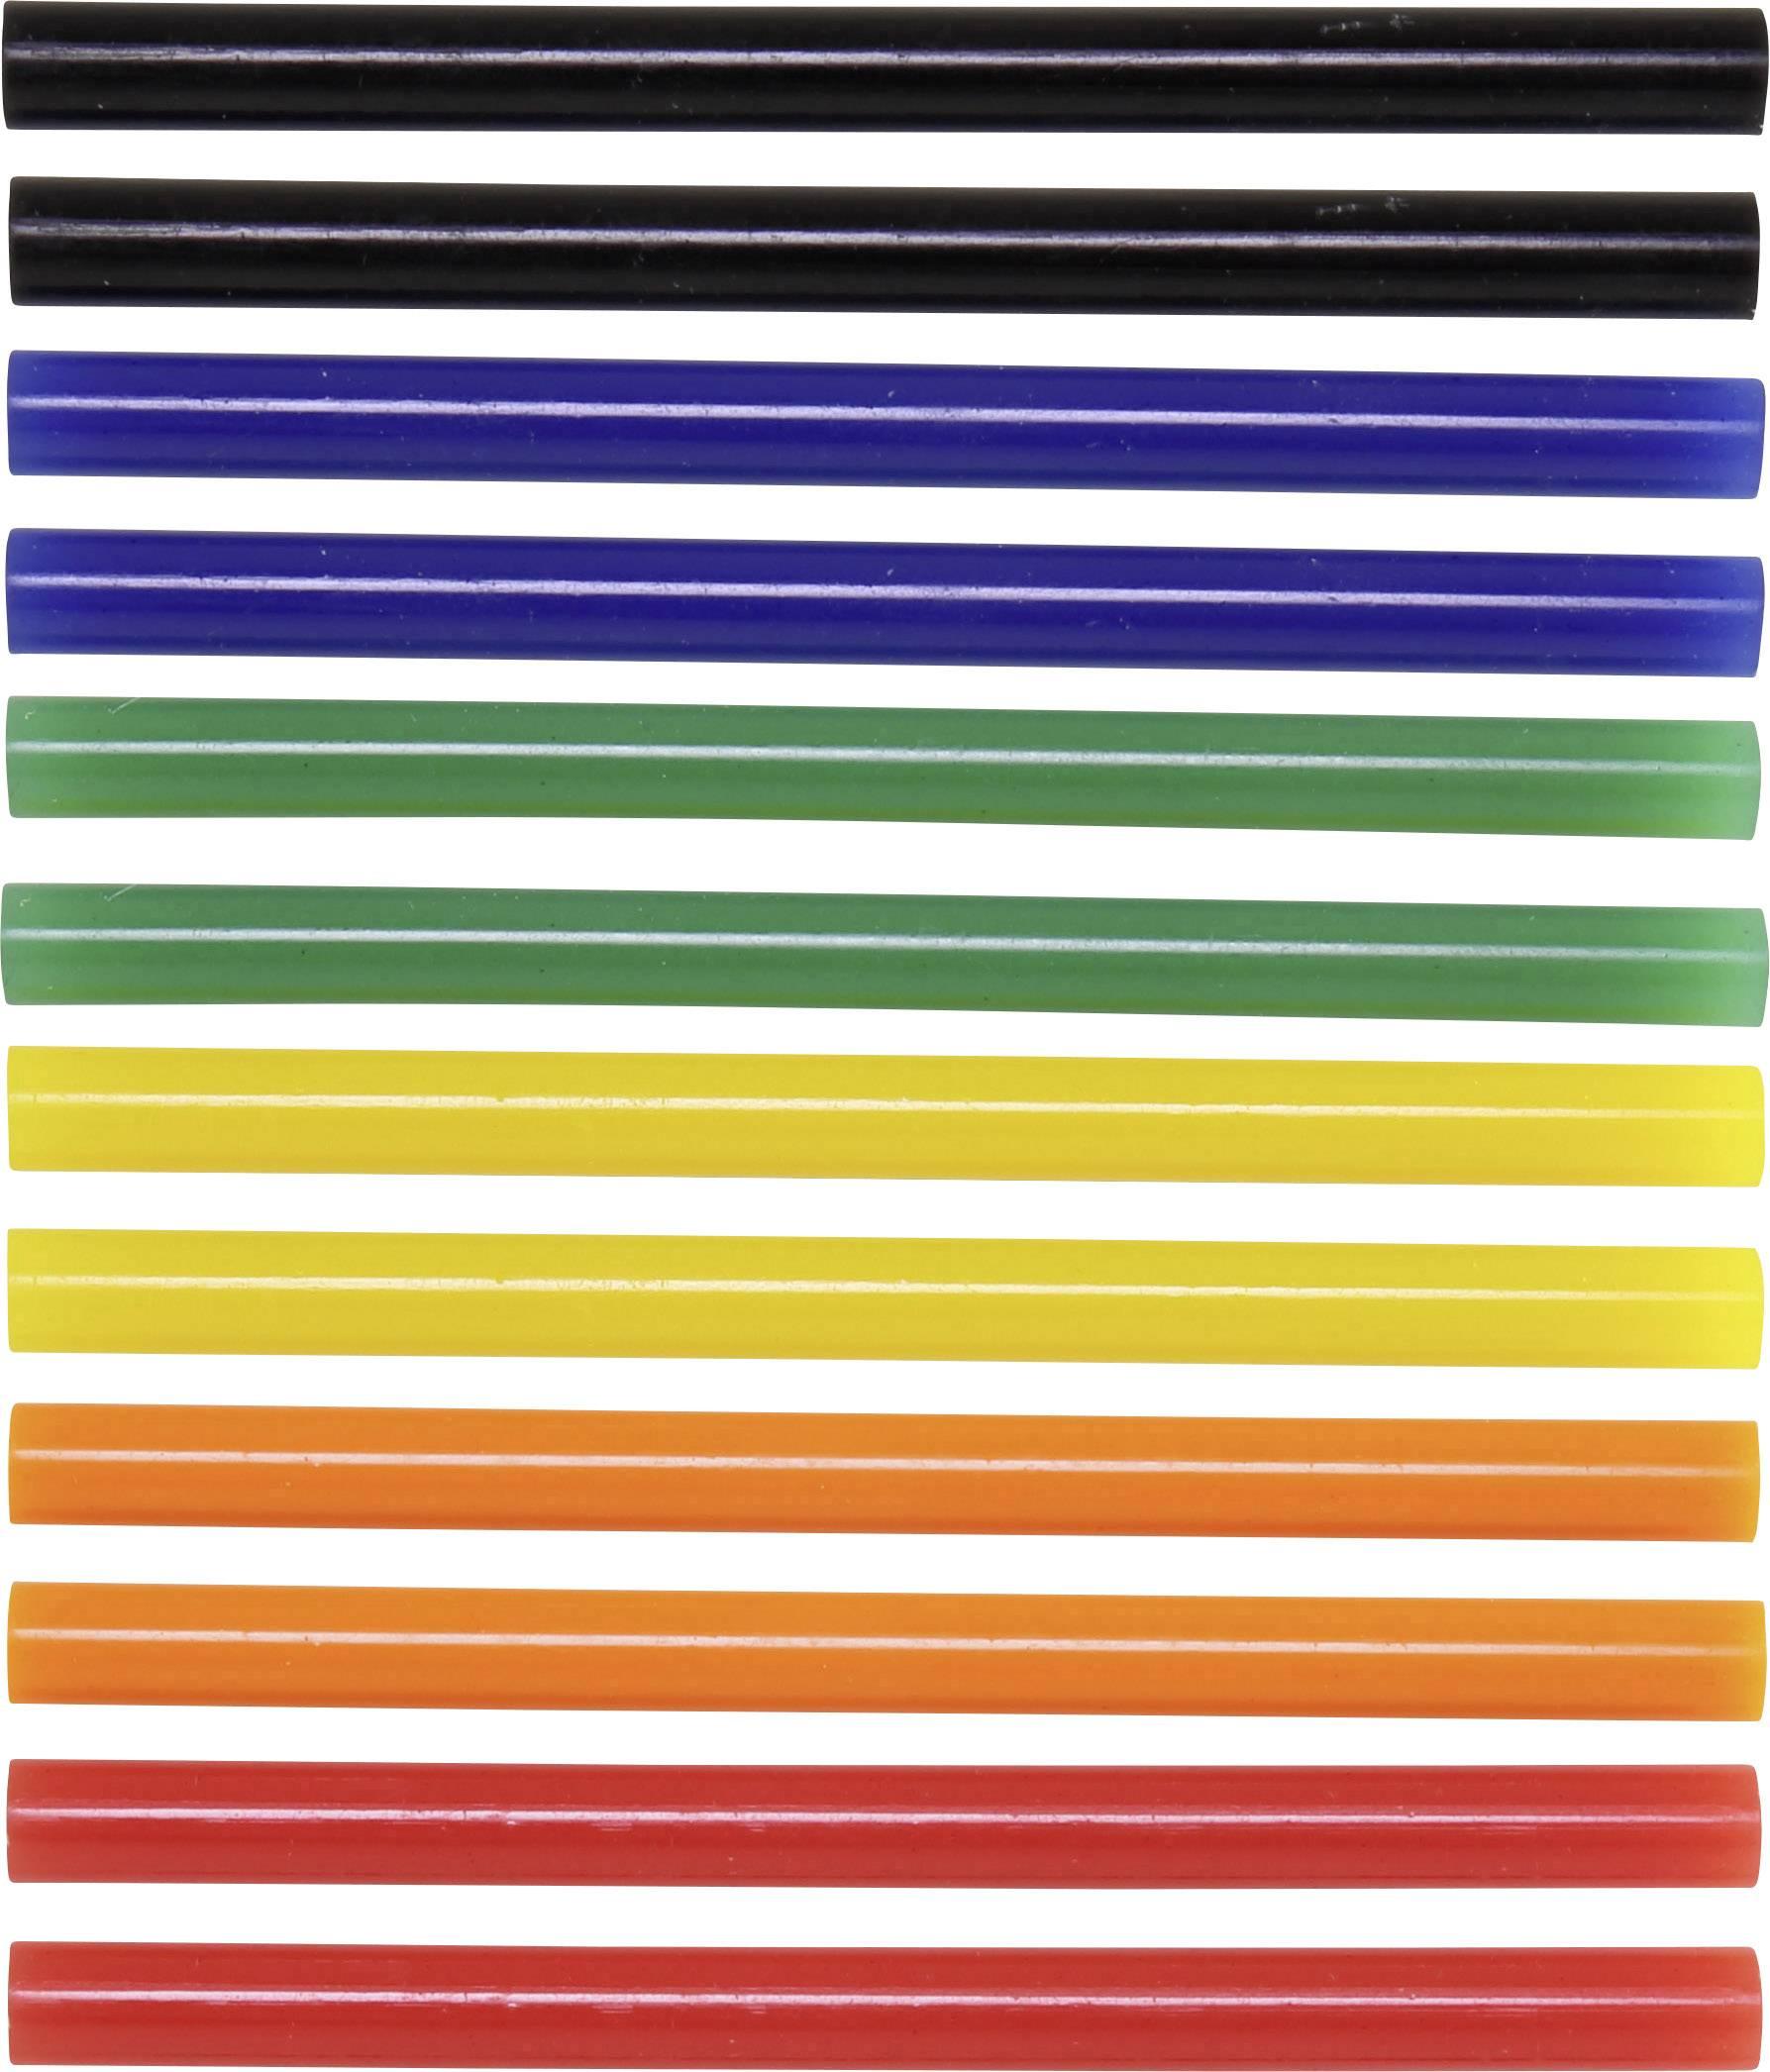 Lepiace tyčinky TOOLCRAFT TC-7200X12C 1553629, Ø 7 mm, délka 100 mm, 12 ks, modrá, červená, zelená, žltá